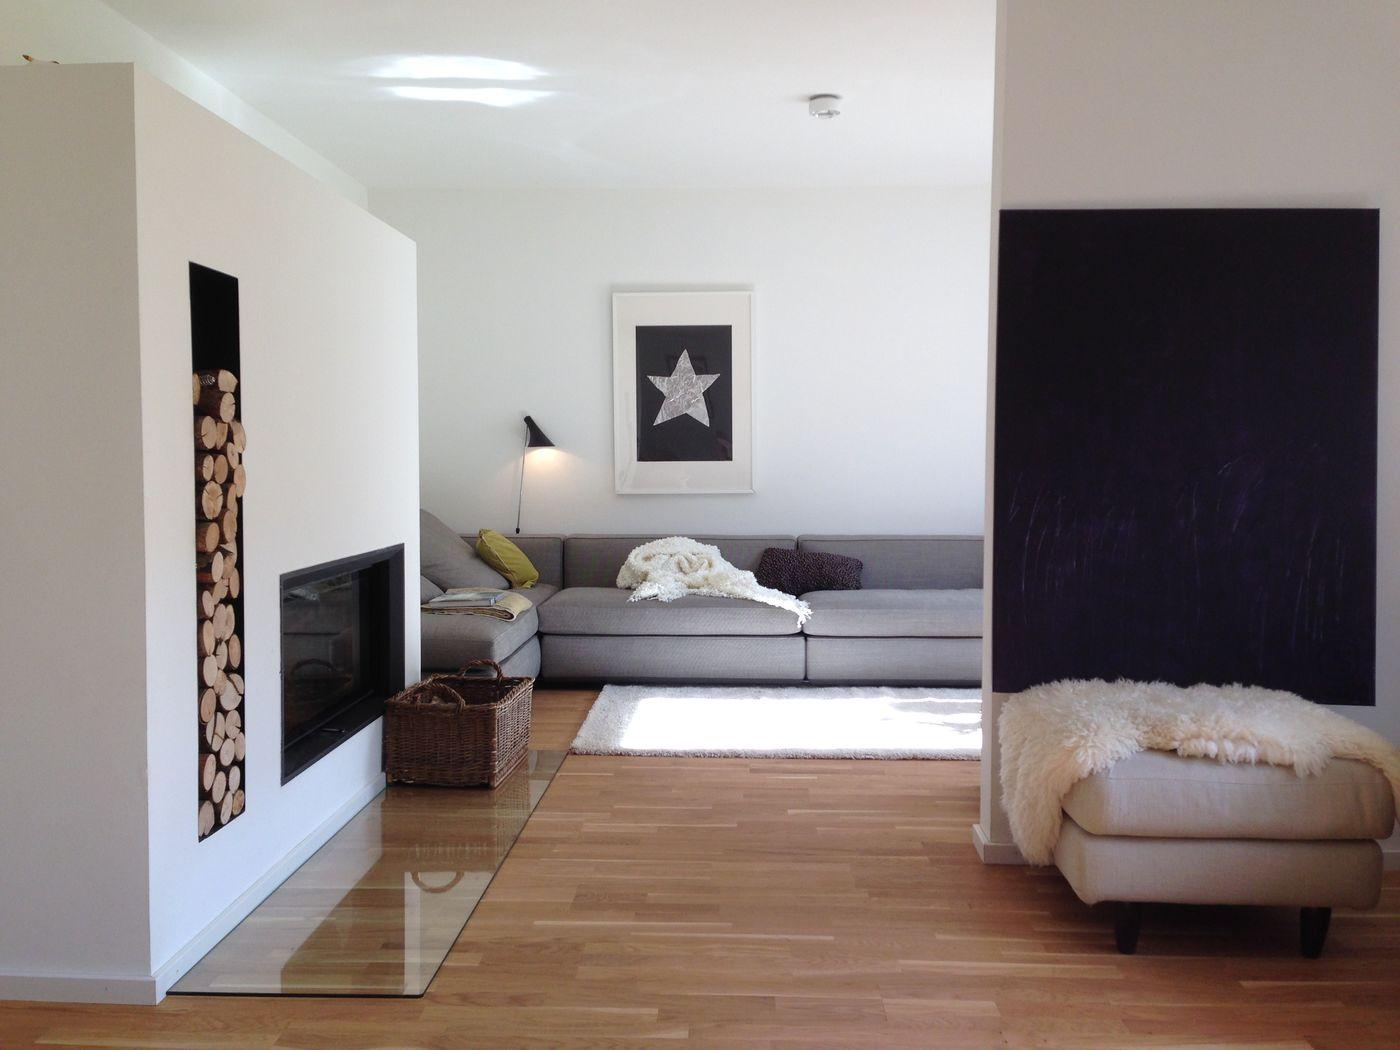 Full Size of Wohnzimmer Modern Gestalten Holz Dekoration Streichen Luxus Mit Kamin Bilder Altes Modernisieren Ideen Moderne Großes Bild Anbauwand Kommode Deckenleuchten Wohnzimmer Wohnzimmer Modern